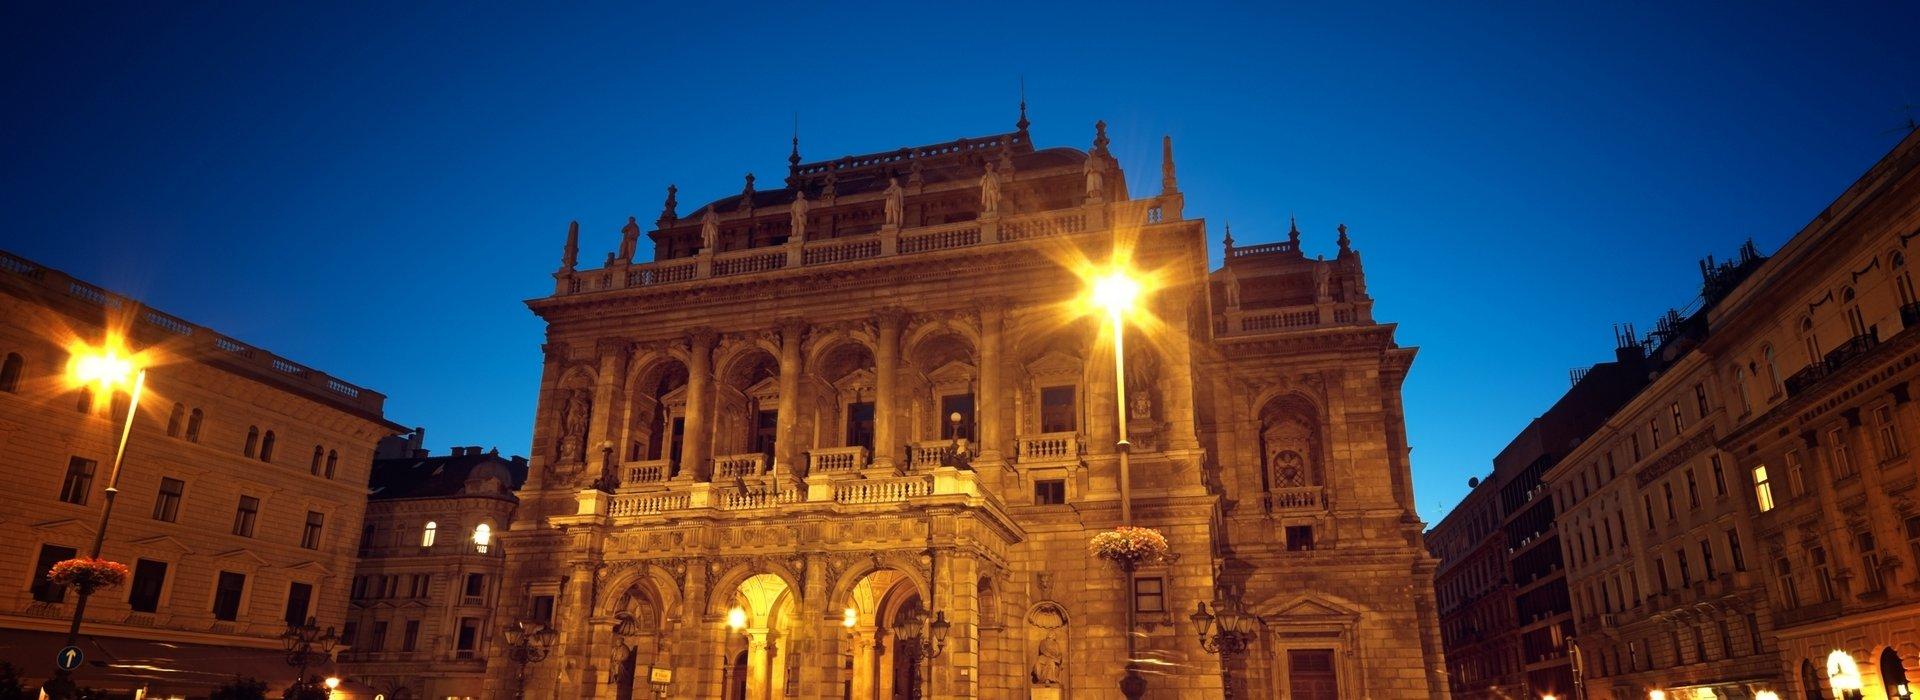 Budapest Kultureller Boulevard – Sehenswürdigkeiten in Budapest